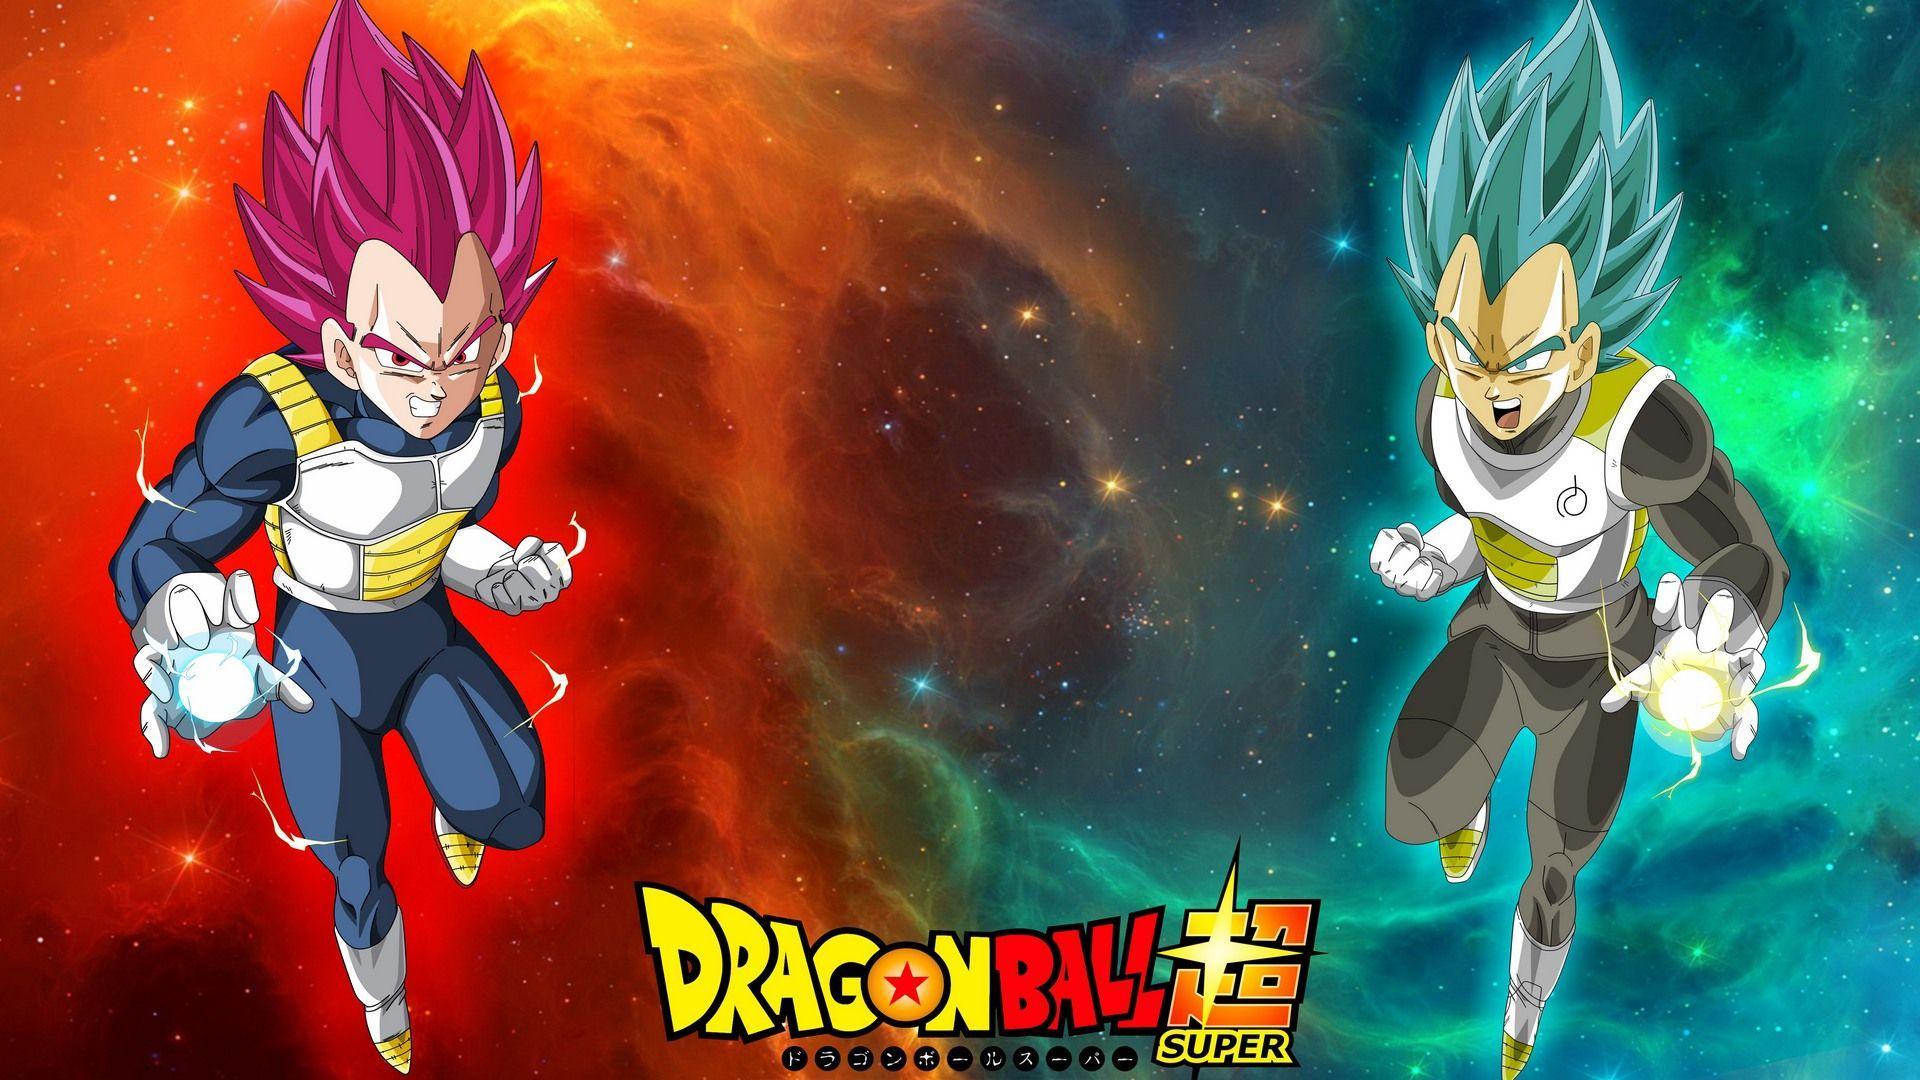 Vegeta Dragon Ball Super Wallpaper 2017 - Live Wallpaper HD